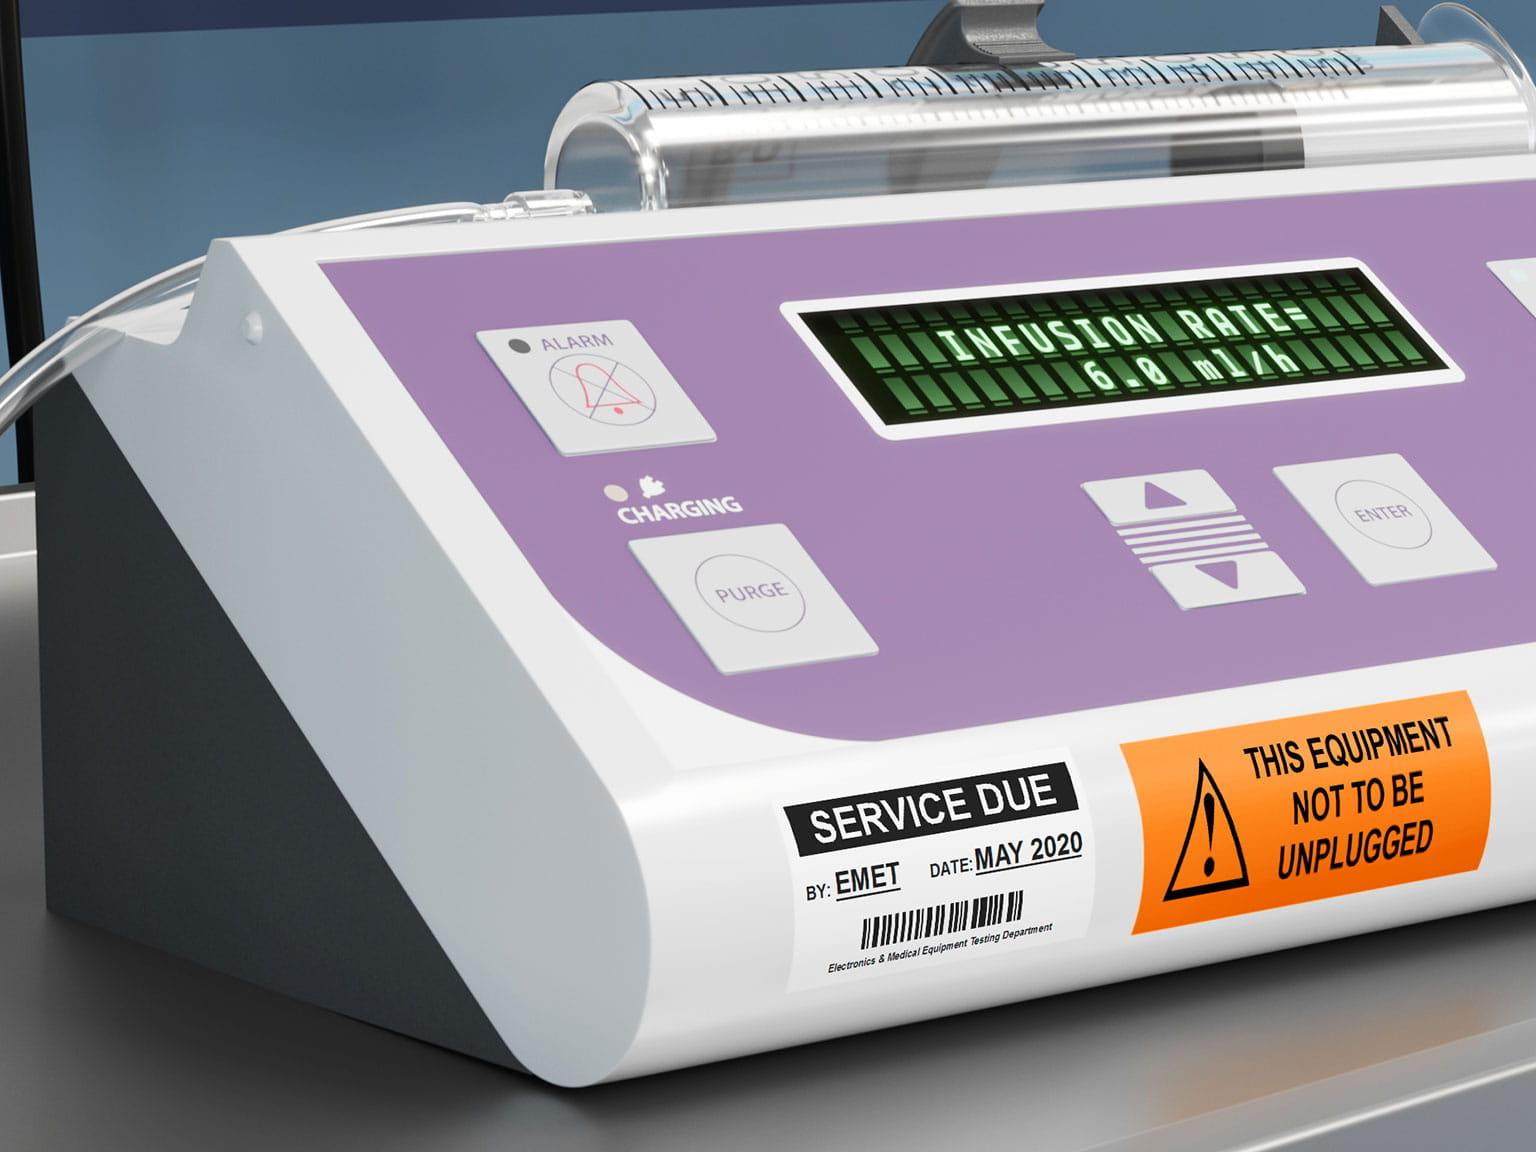 Servisní informace na laminovaném štítku Brother P-touch TZe nalepeném na ovladači stříkačky v nemocnici